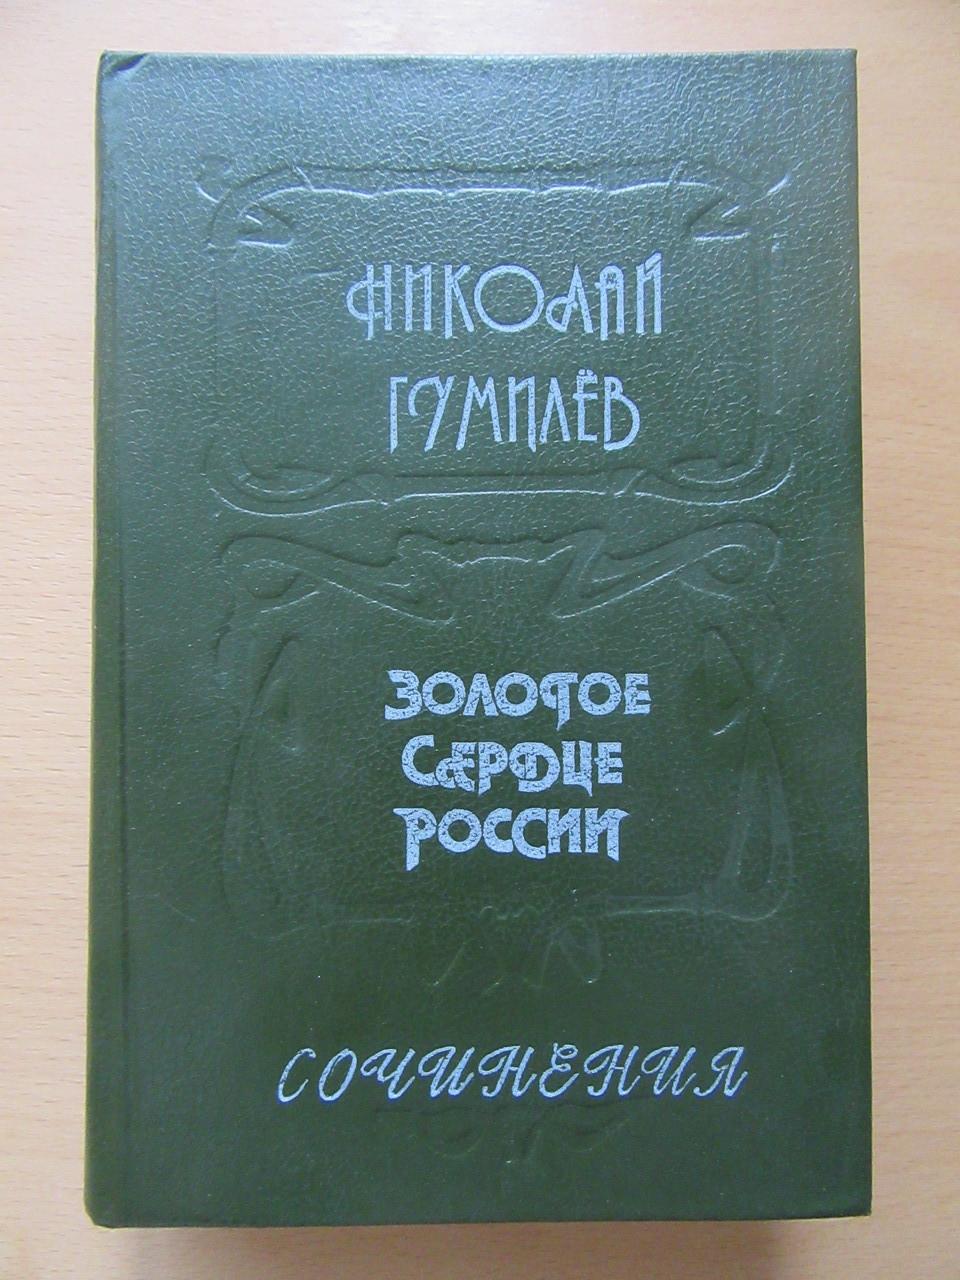 Николай Гумилёв. Золотое сердце России. Сочинения